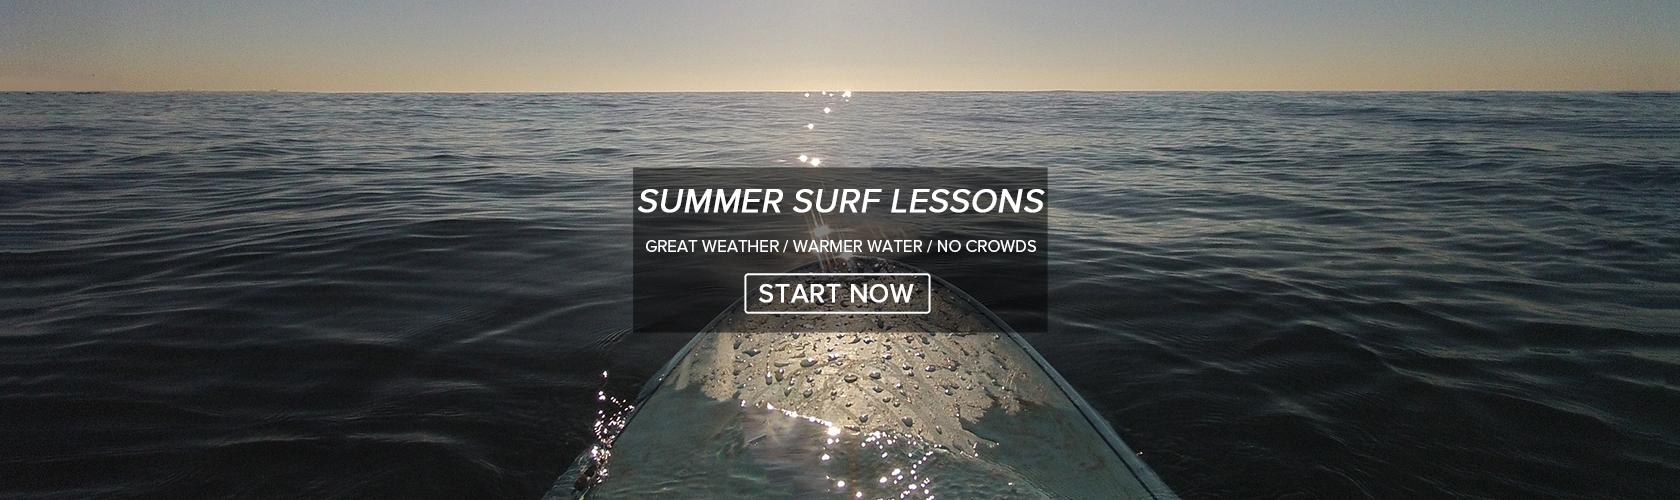 Sumer Lessons Slider.jpg